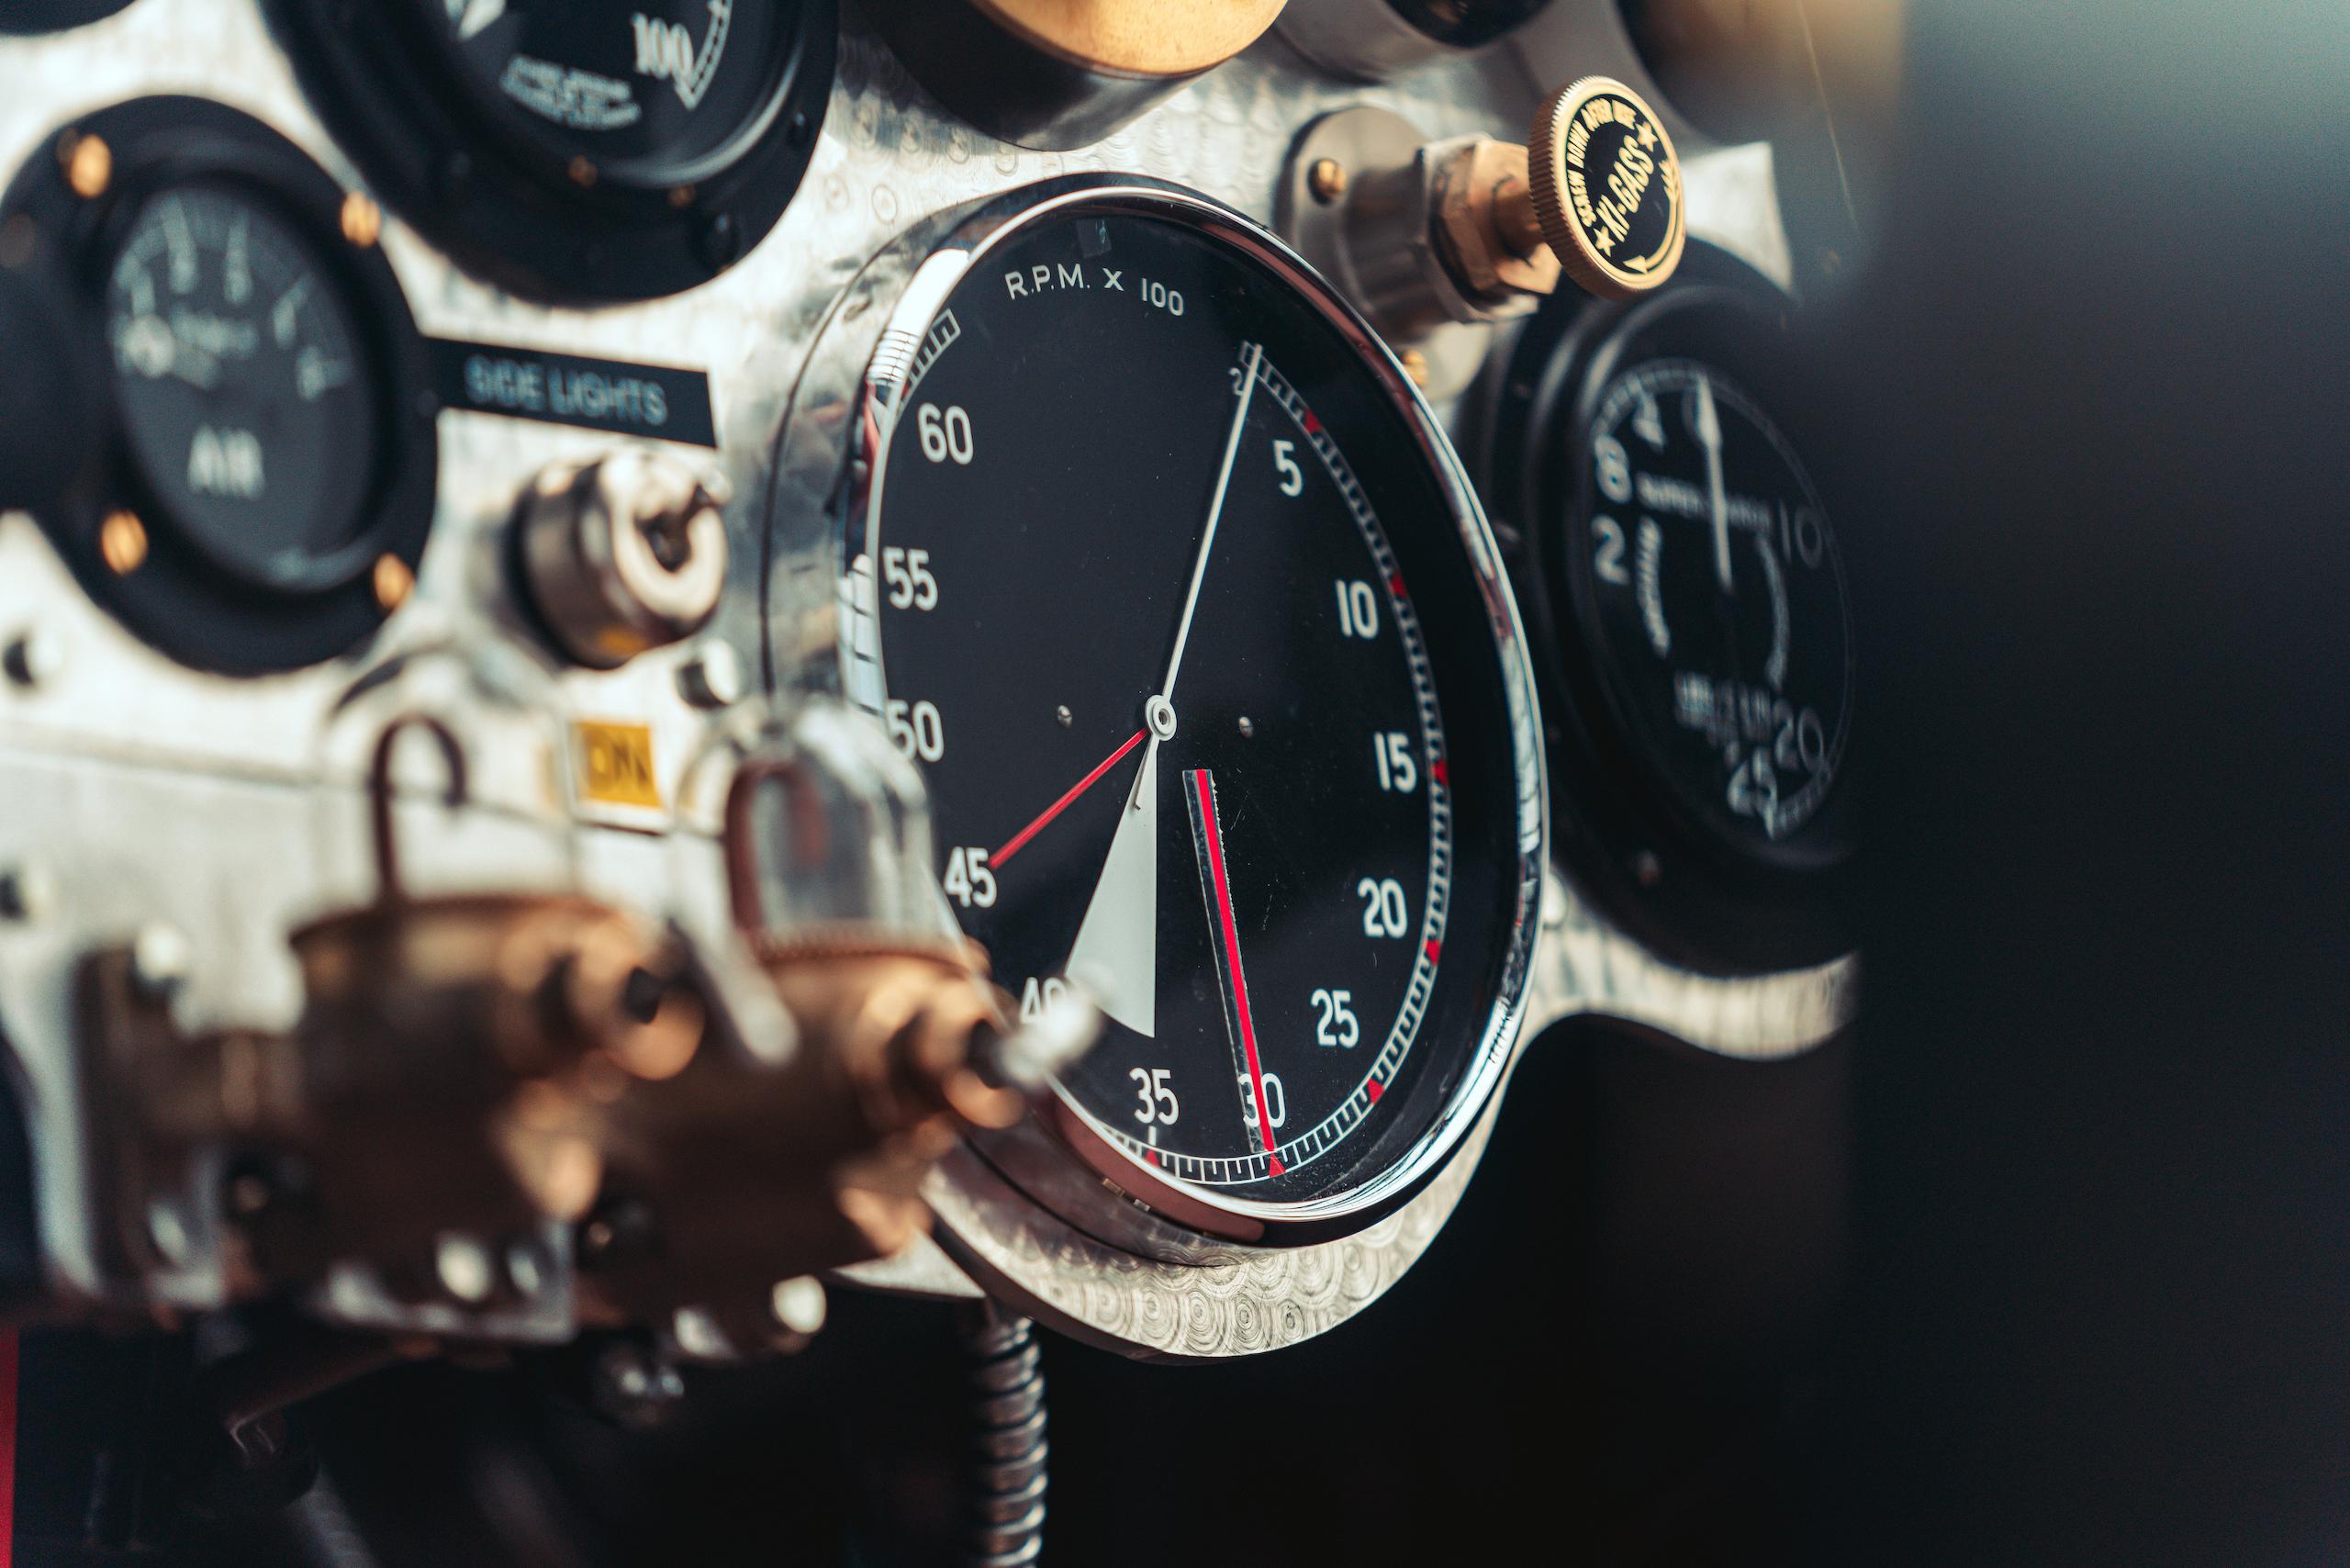 Blower Bentley interior rpm detail